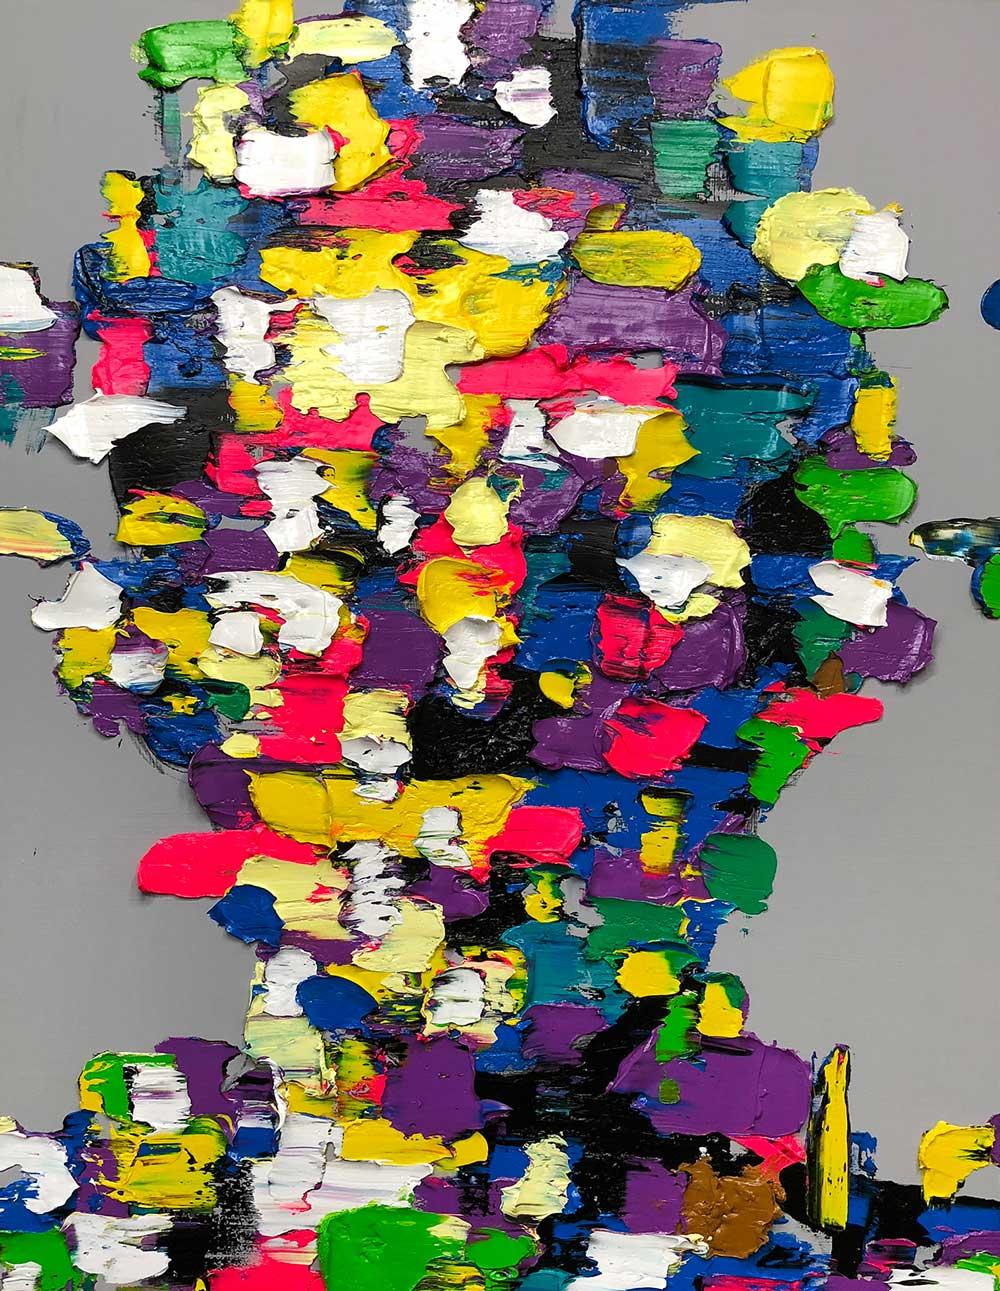 Retrato de colores amarillo, verde, blanco, azul, morado, negro y rosa del artista KwangHo Shin.